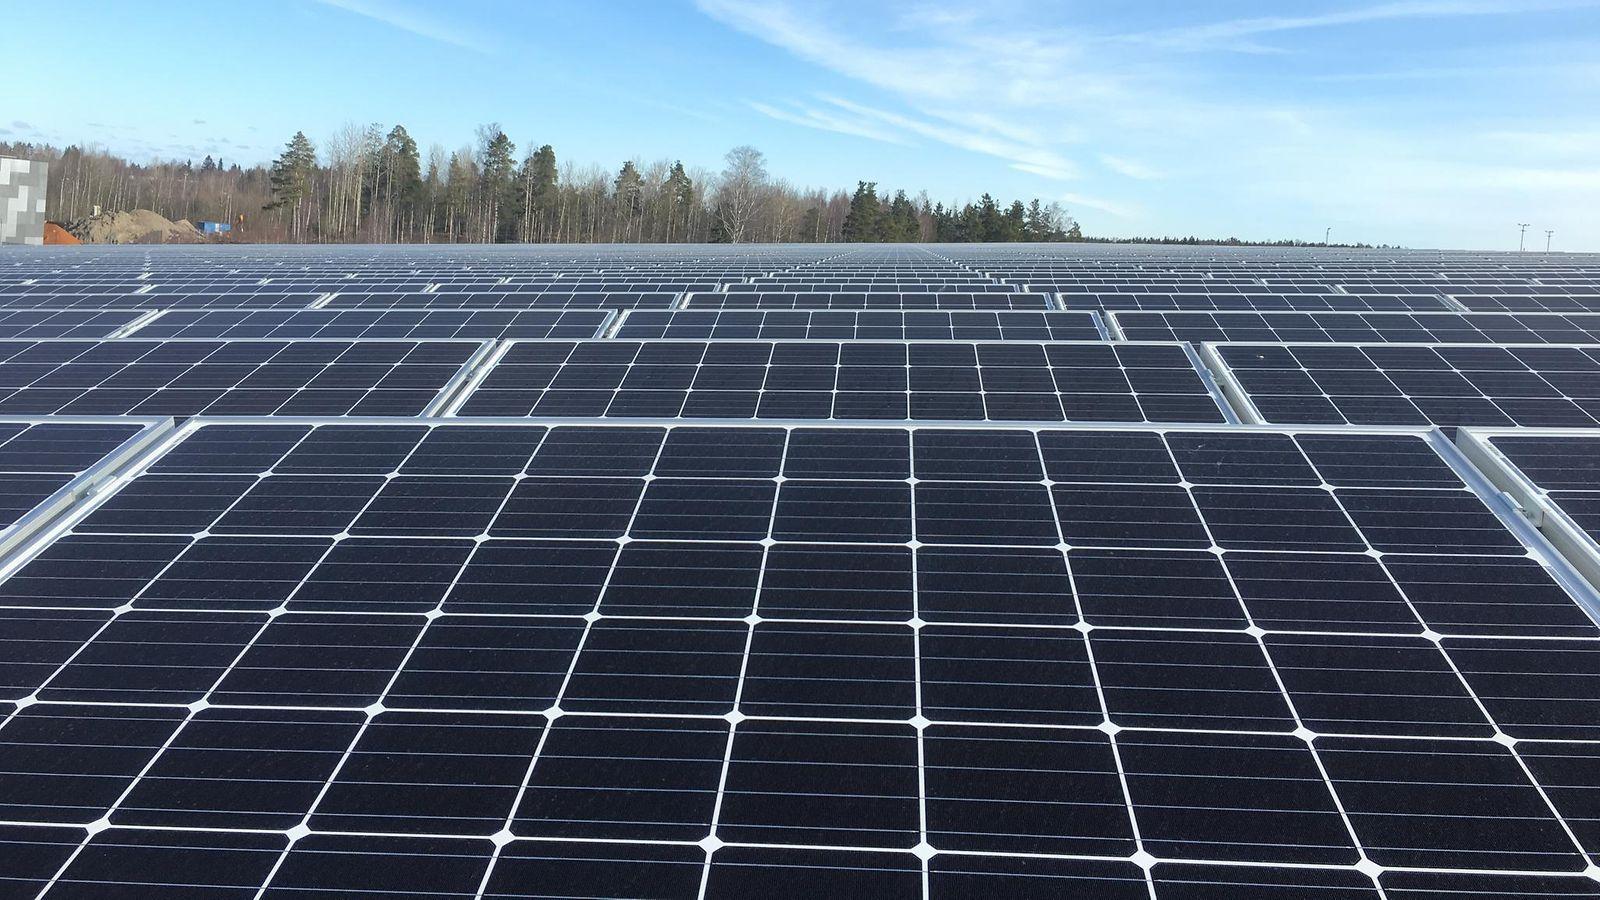 Aurinkoenergia etenee Suomessa vauhdilla, mutta pysyy marginaalissa - Talous - Uutiset - MTV.fi